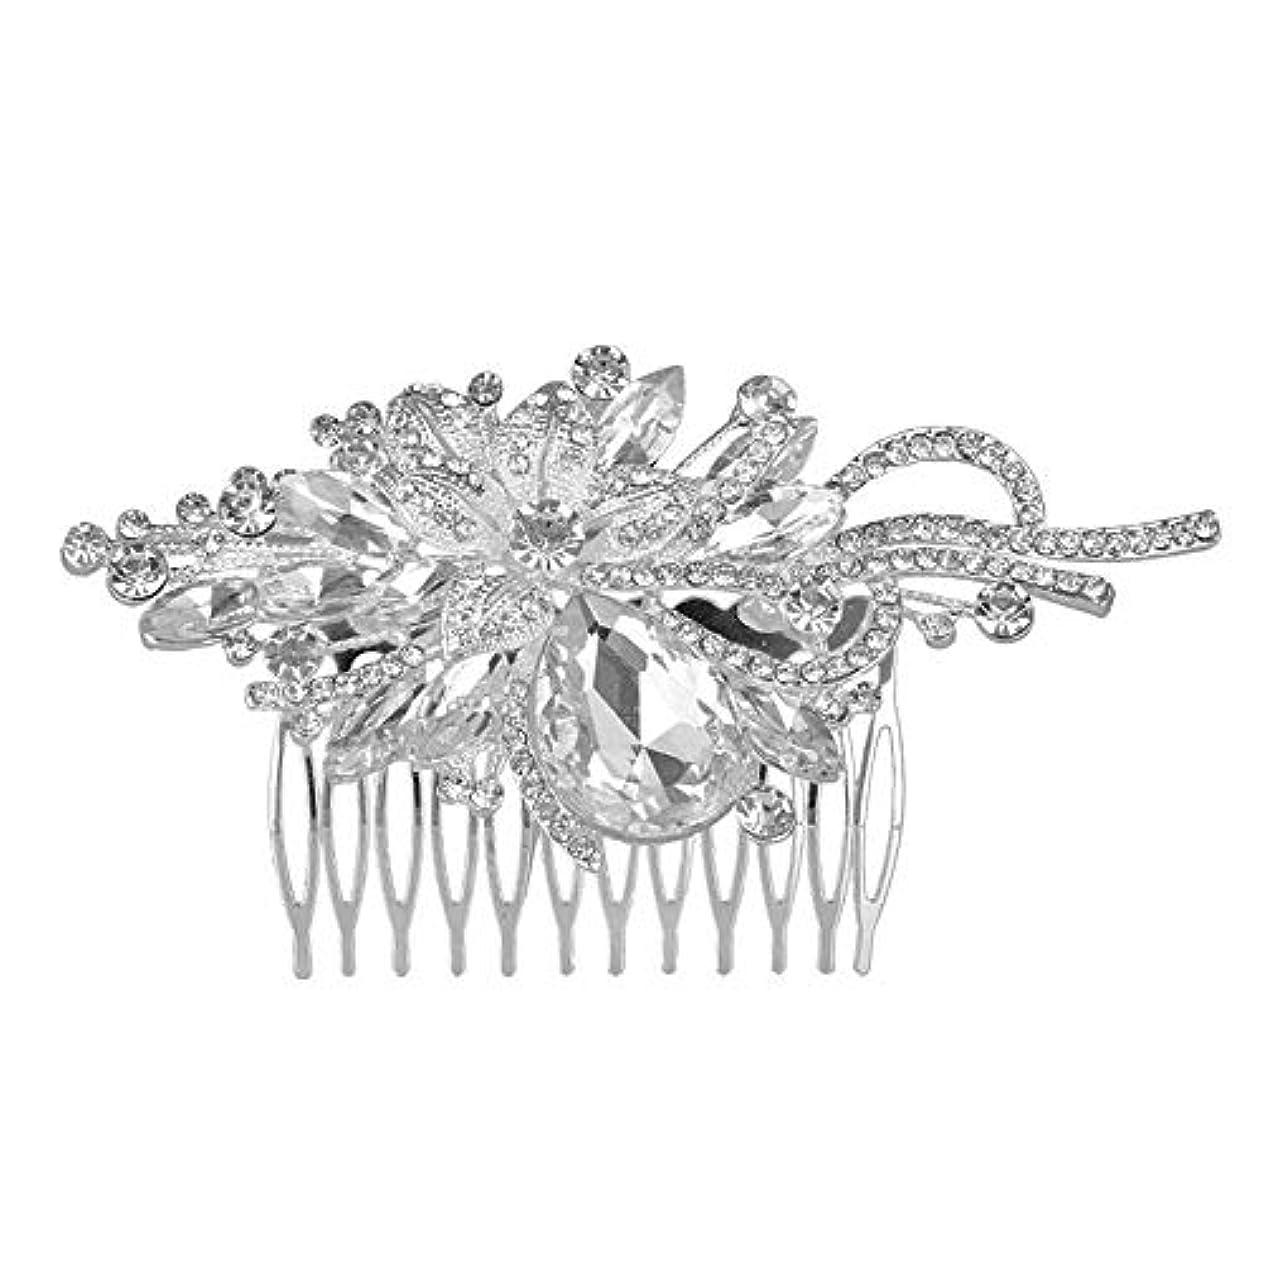 アーク隔離戦闘髪の櫛挿入櫛花嫁の髪櫛クラウン髪の櫛結婚式のアクセサリー葉の髪の櫛ラインストーンの髪の櫛ブライダルヘッドドレス